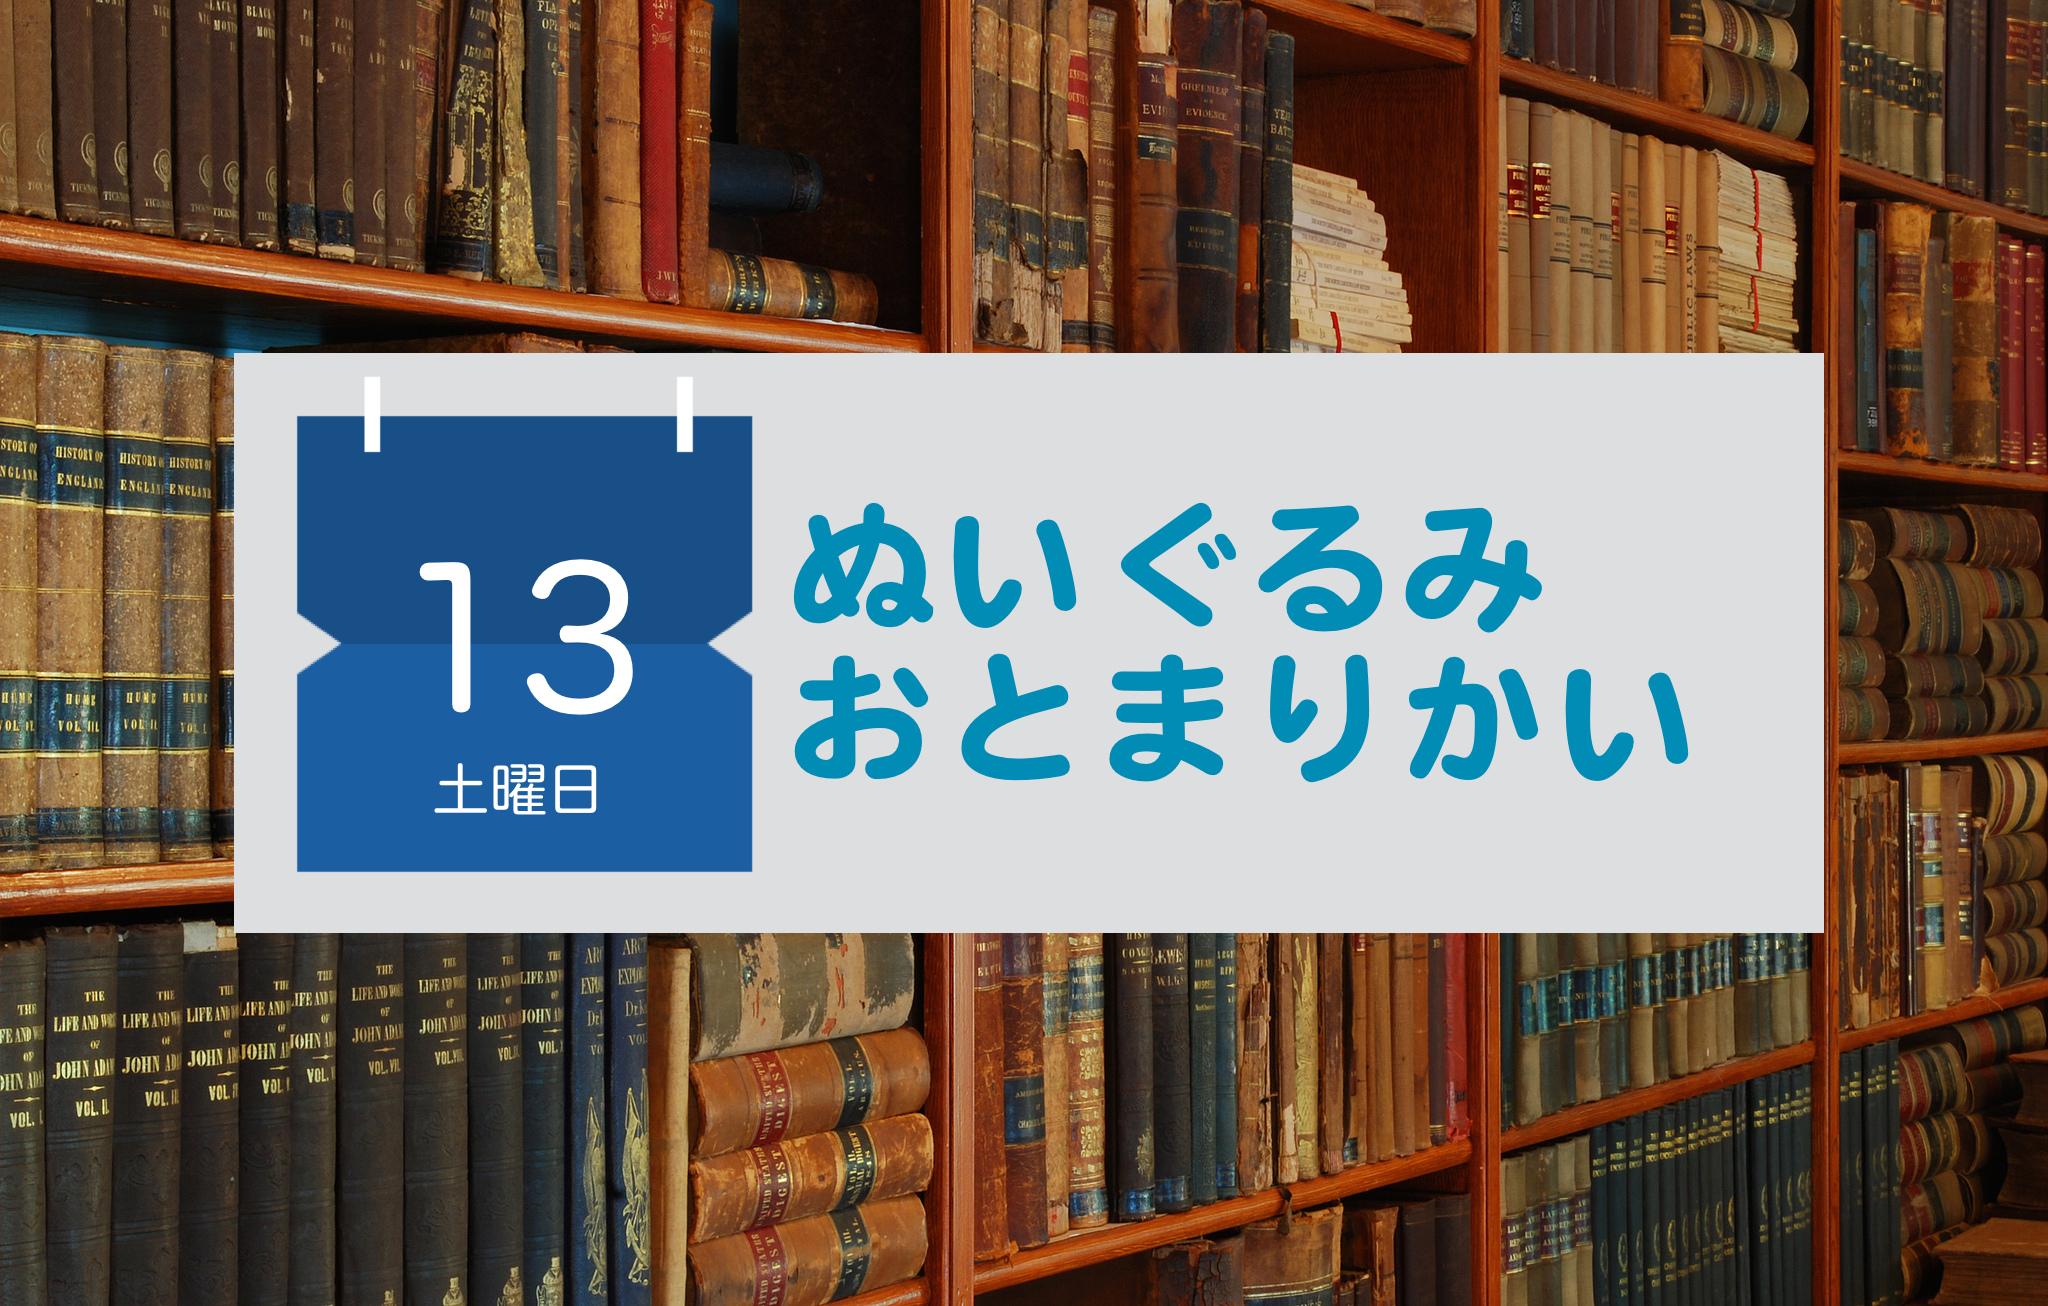 イベント情報 - (2月13-14日)ぬいぐるみおとまりかい at 南千住図書館 / 町屋図書館